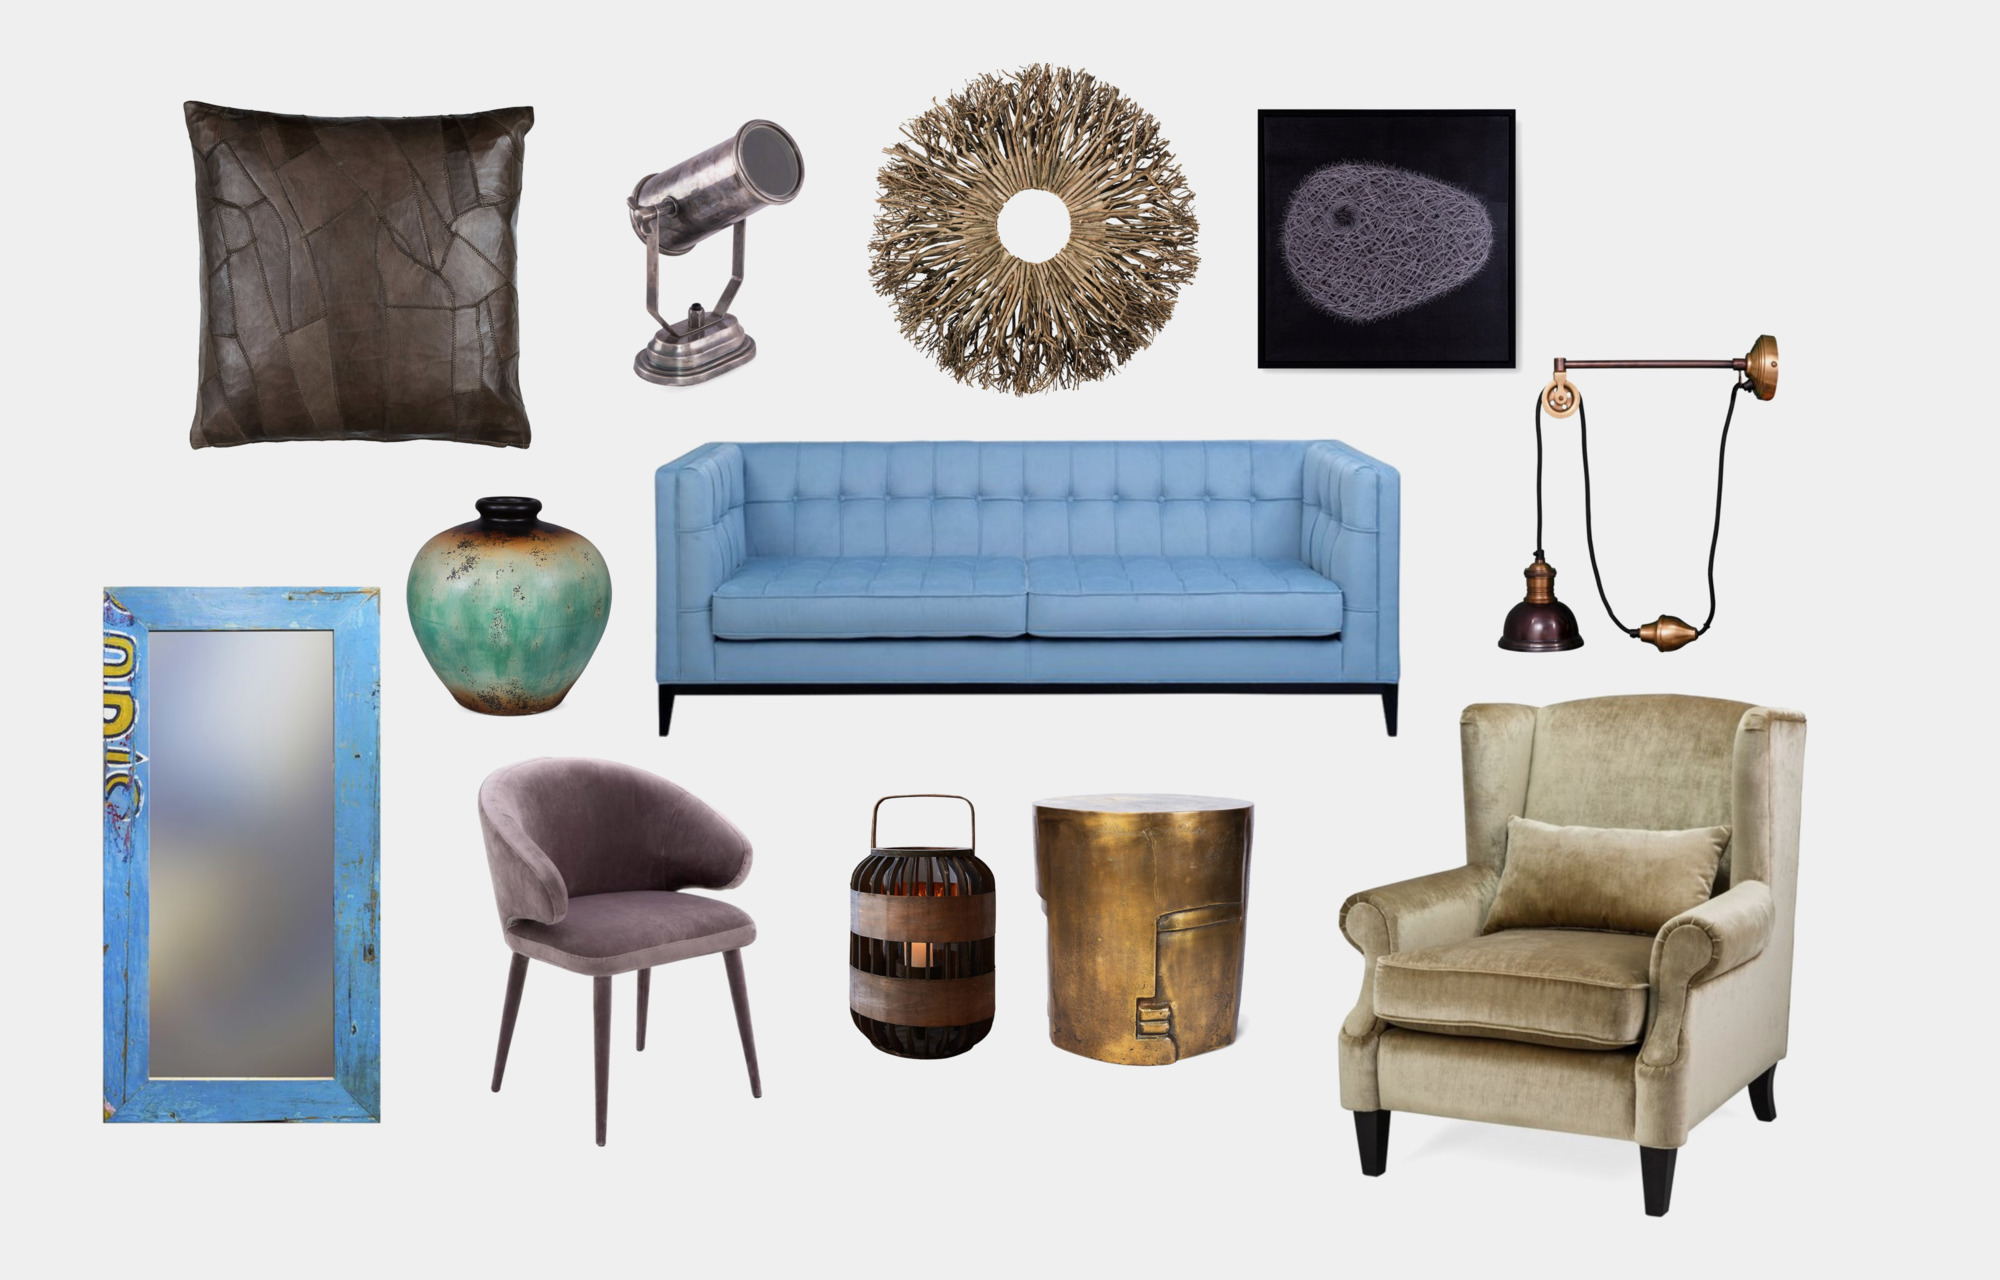 Мебель и декор <b>для</b> гостиной в холодных тонах - INMYROOM